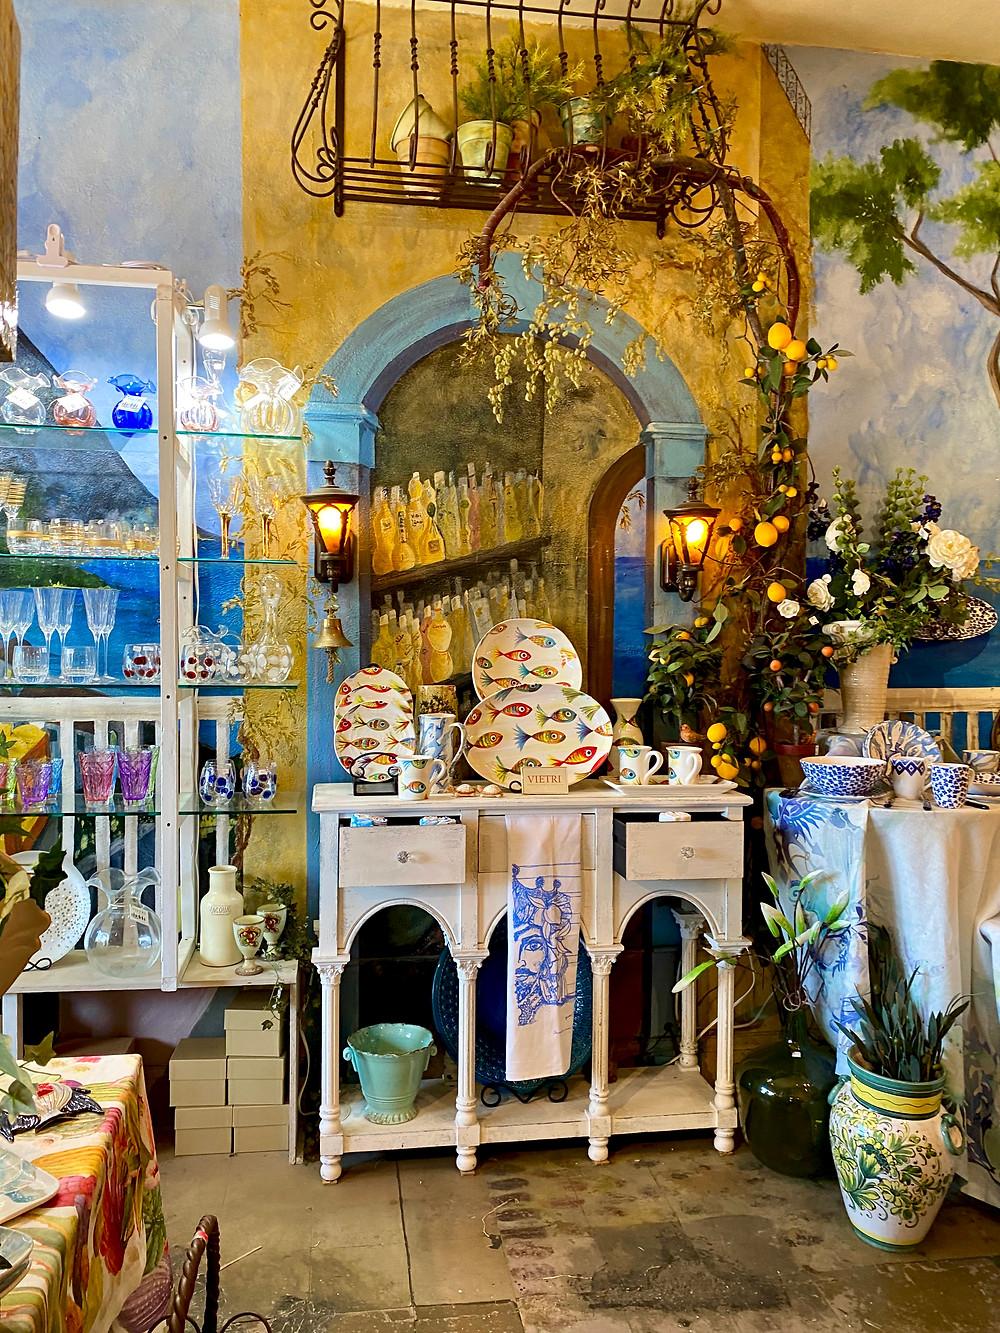 ceramics at La Bella Vita in Little Italy